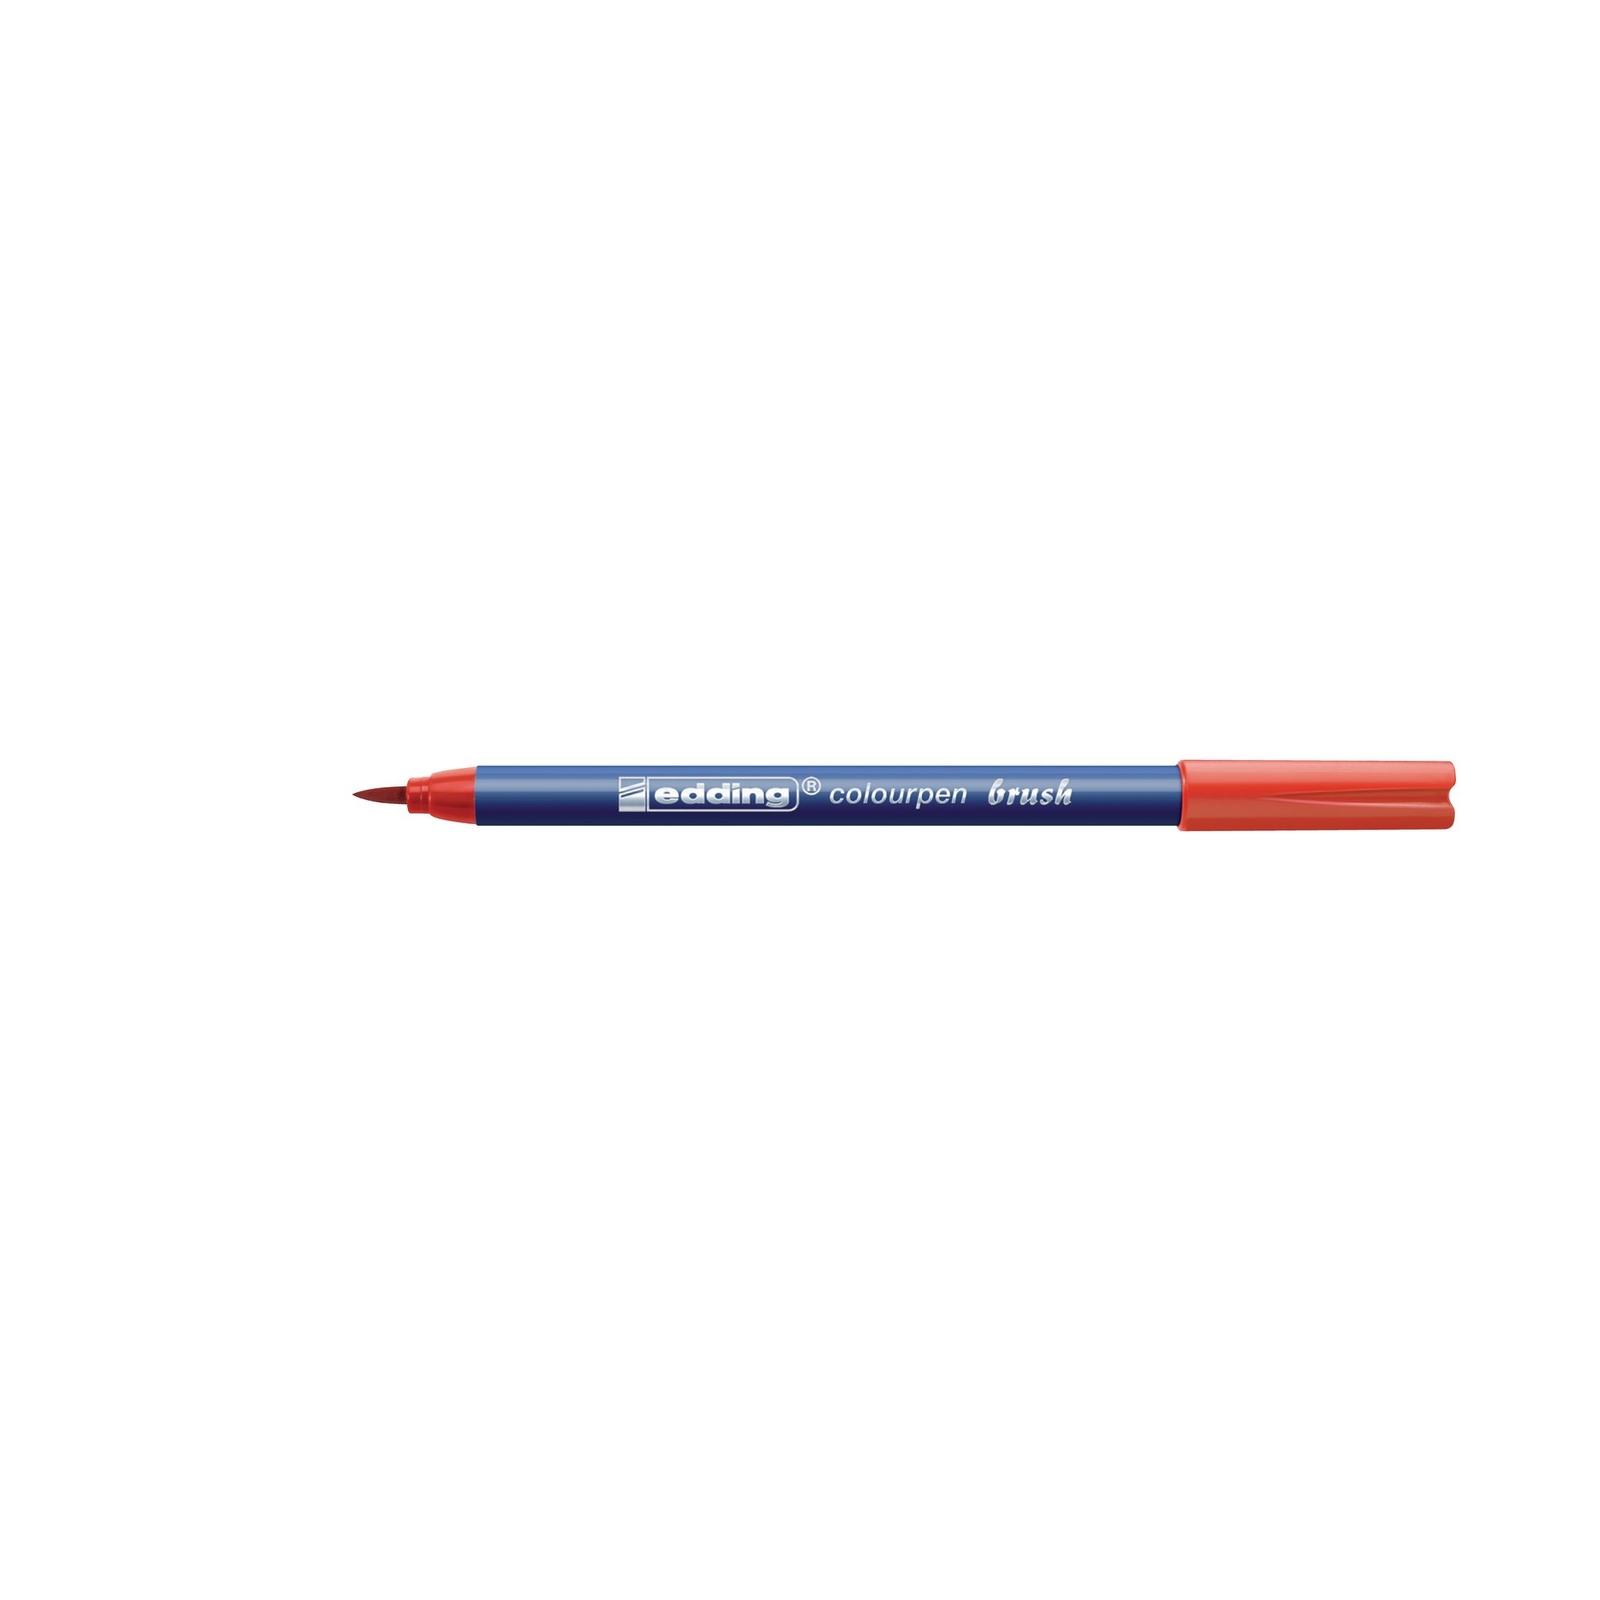 Edding Colourpen Brush - Assorted - Pack of 12